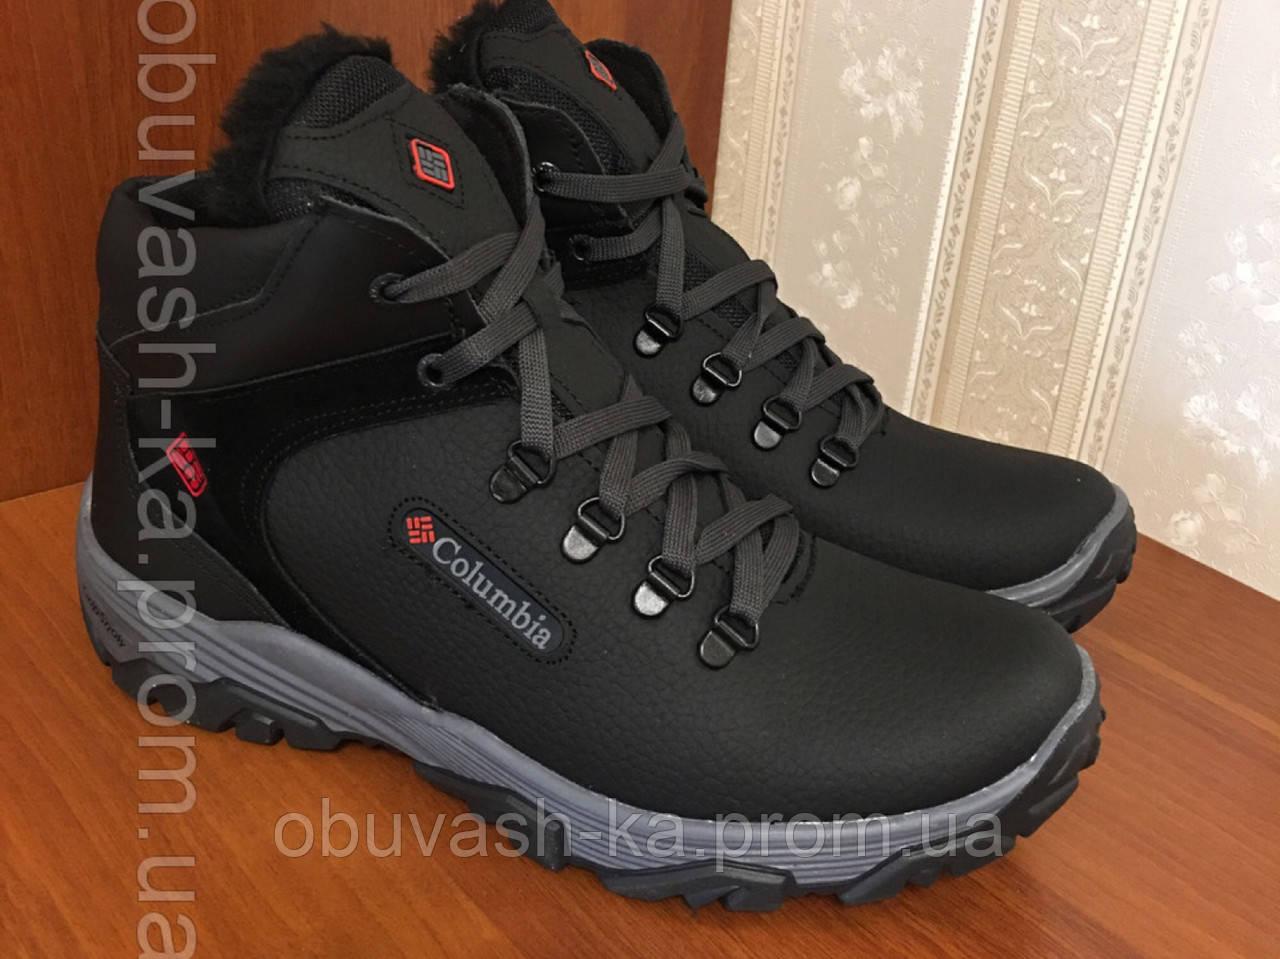 de47d80fd43cf5 Мужские зимние кожаные кроссовки, ботинки - Магазин кожаной мужской обуви